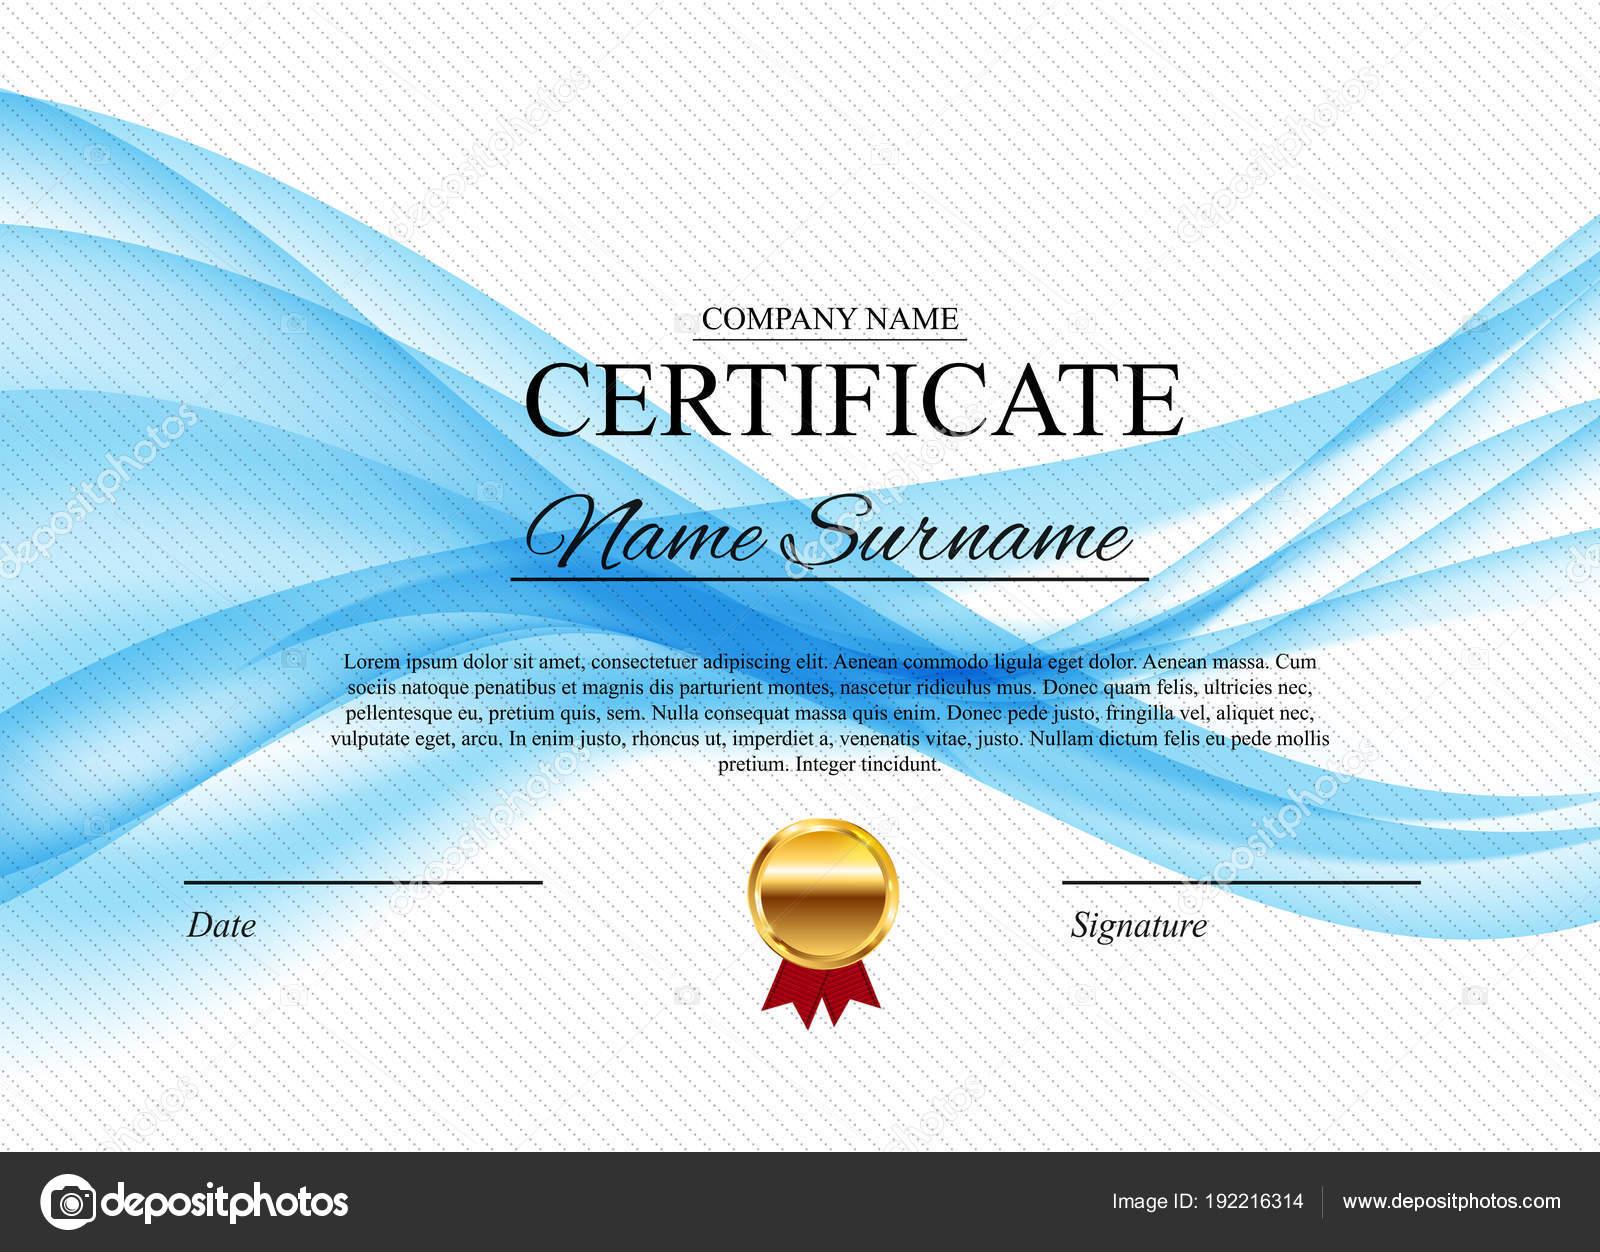 Zertifikatvorlage Hintergrund. Diplom Design leer zu vergeben ...